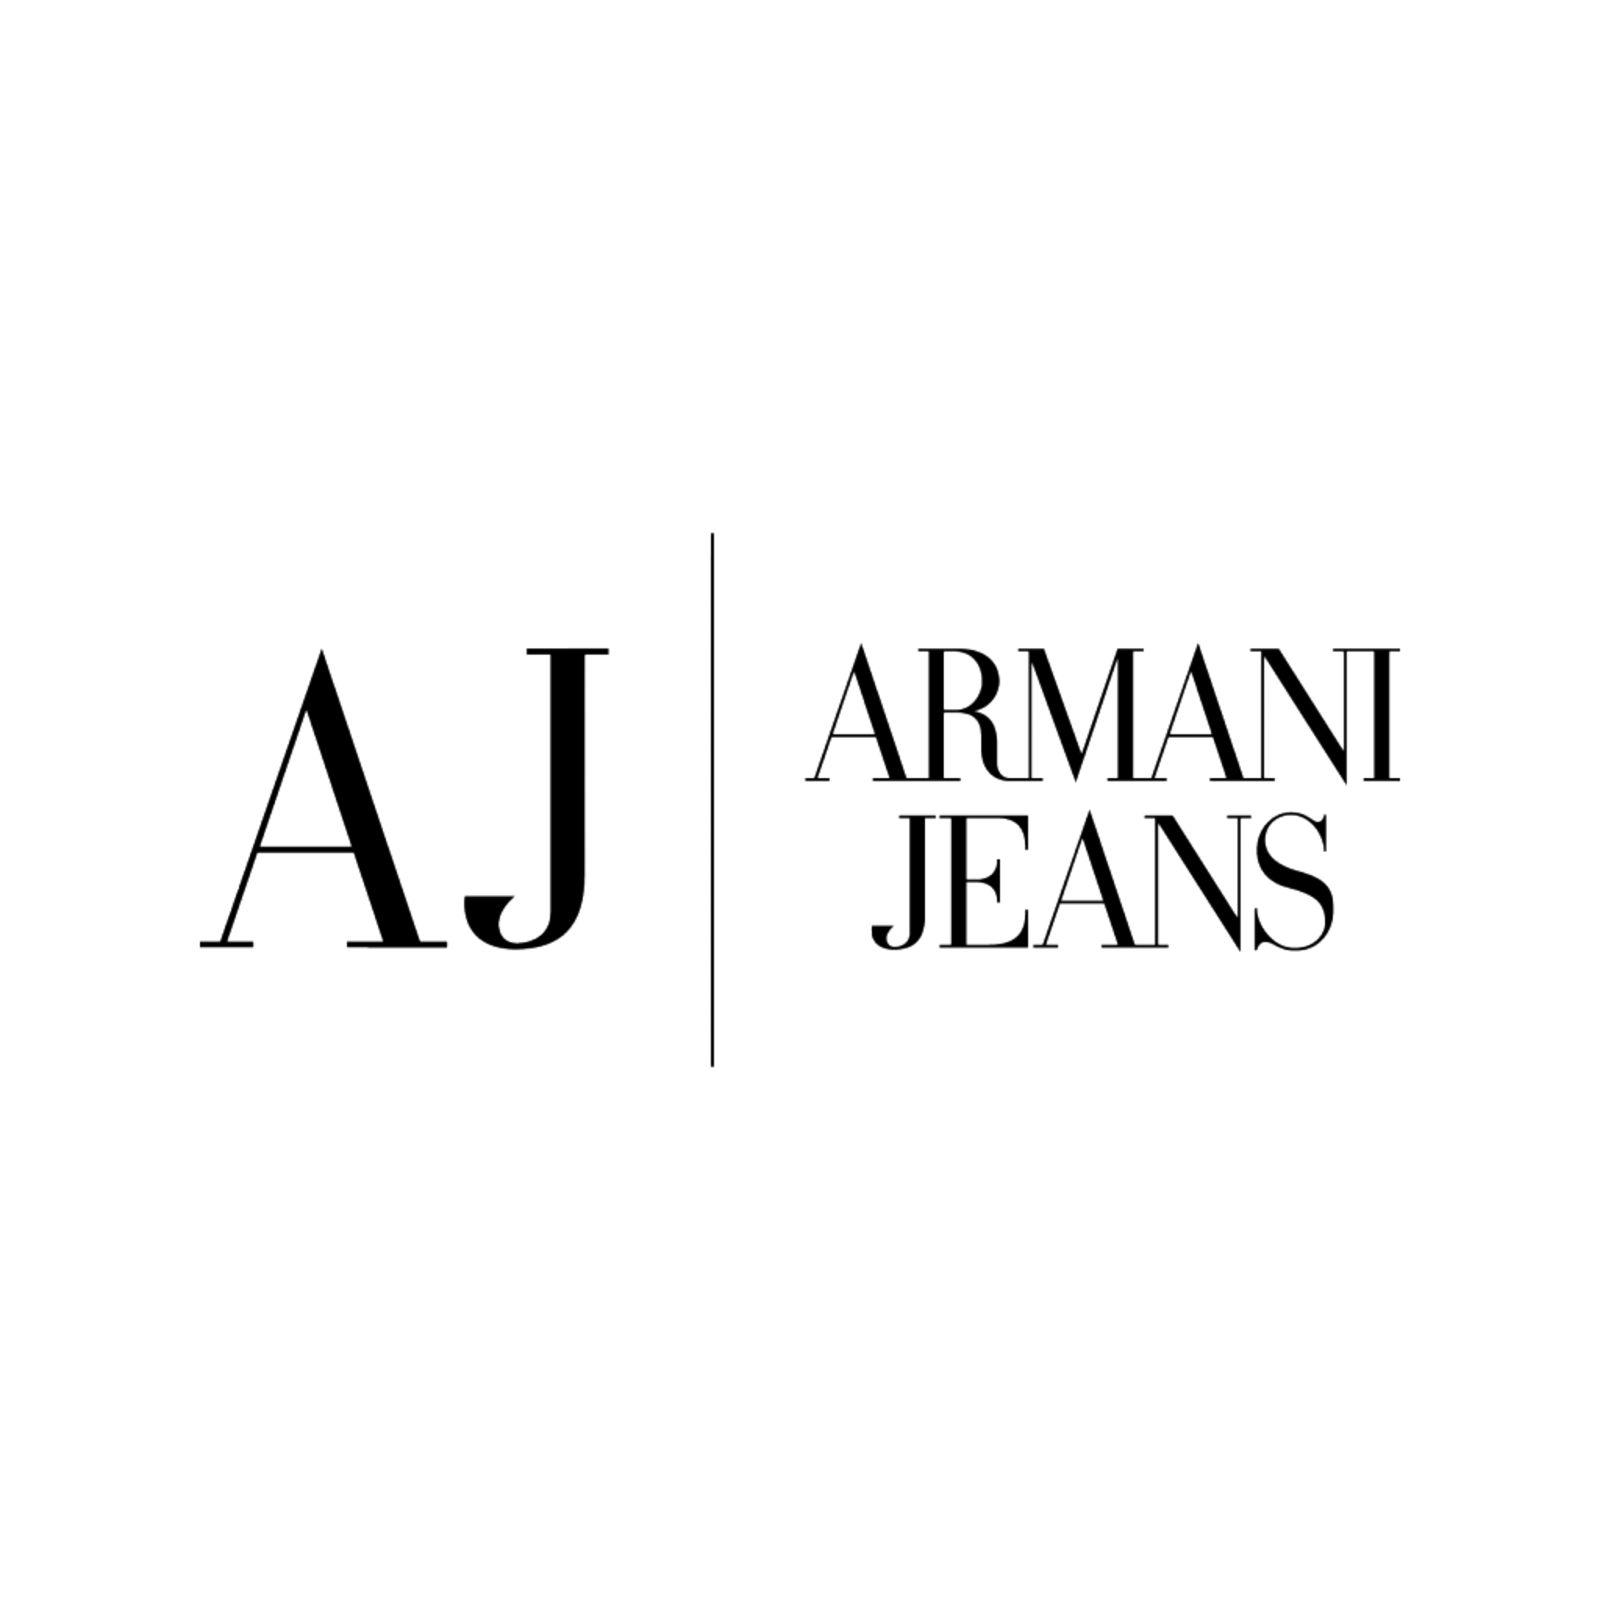 ARMANI JEANS (Imagen 1)